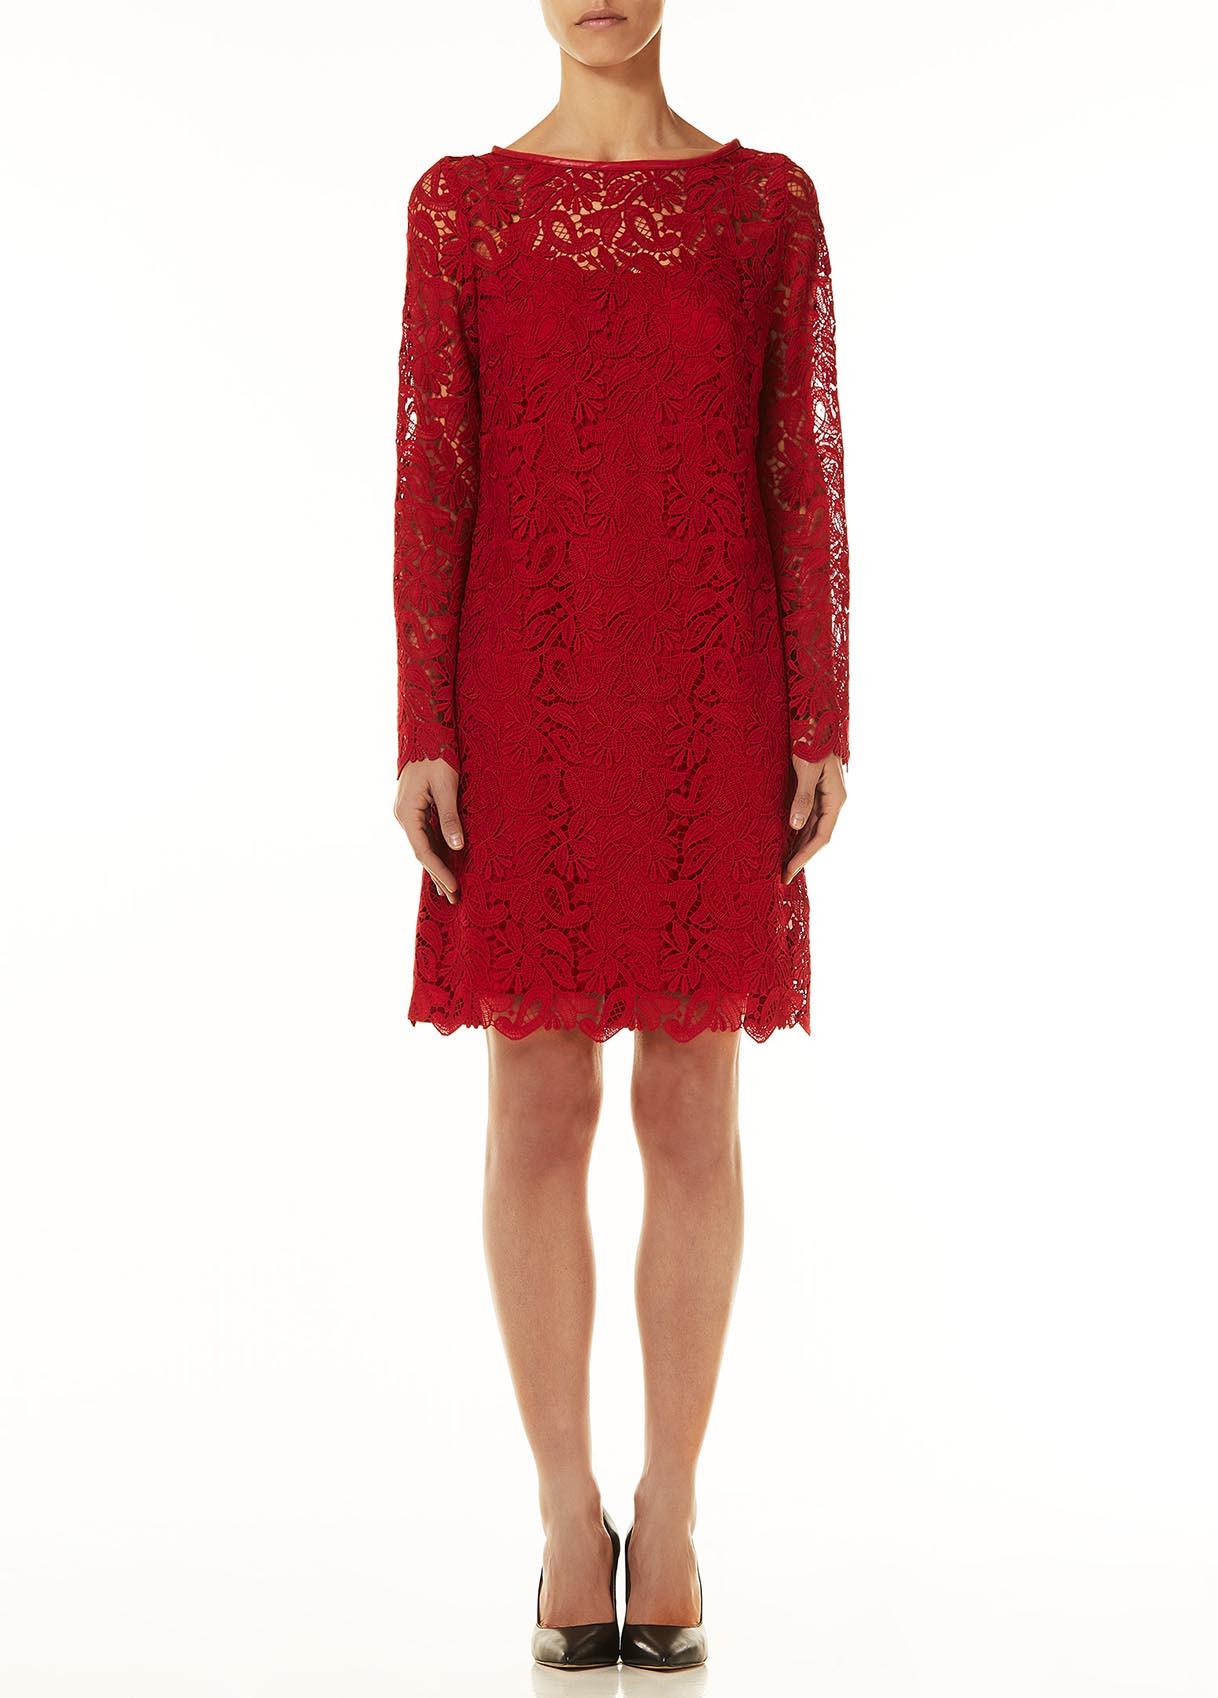 Formal Luxurius Kurzes Kleid Mit Spitze für 201913 Erstaunlich Kurzes Kleid Mit Spitze Stylish